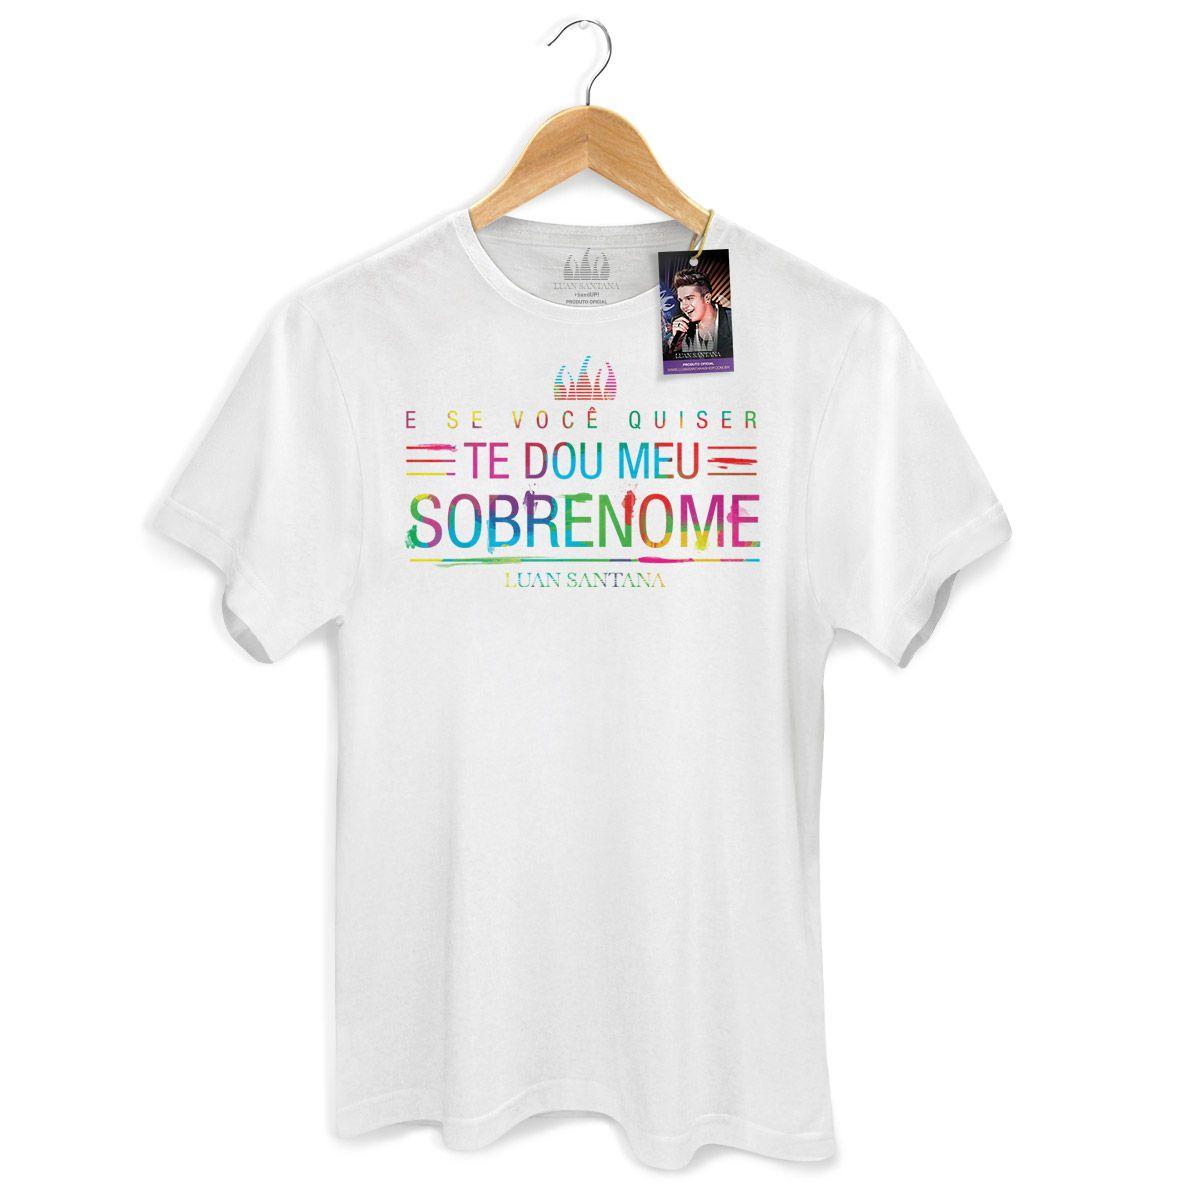 Camiseta Masculina Luan Santana - Tudo Que Você Quiser